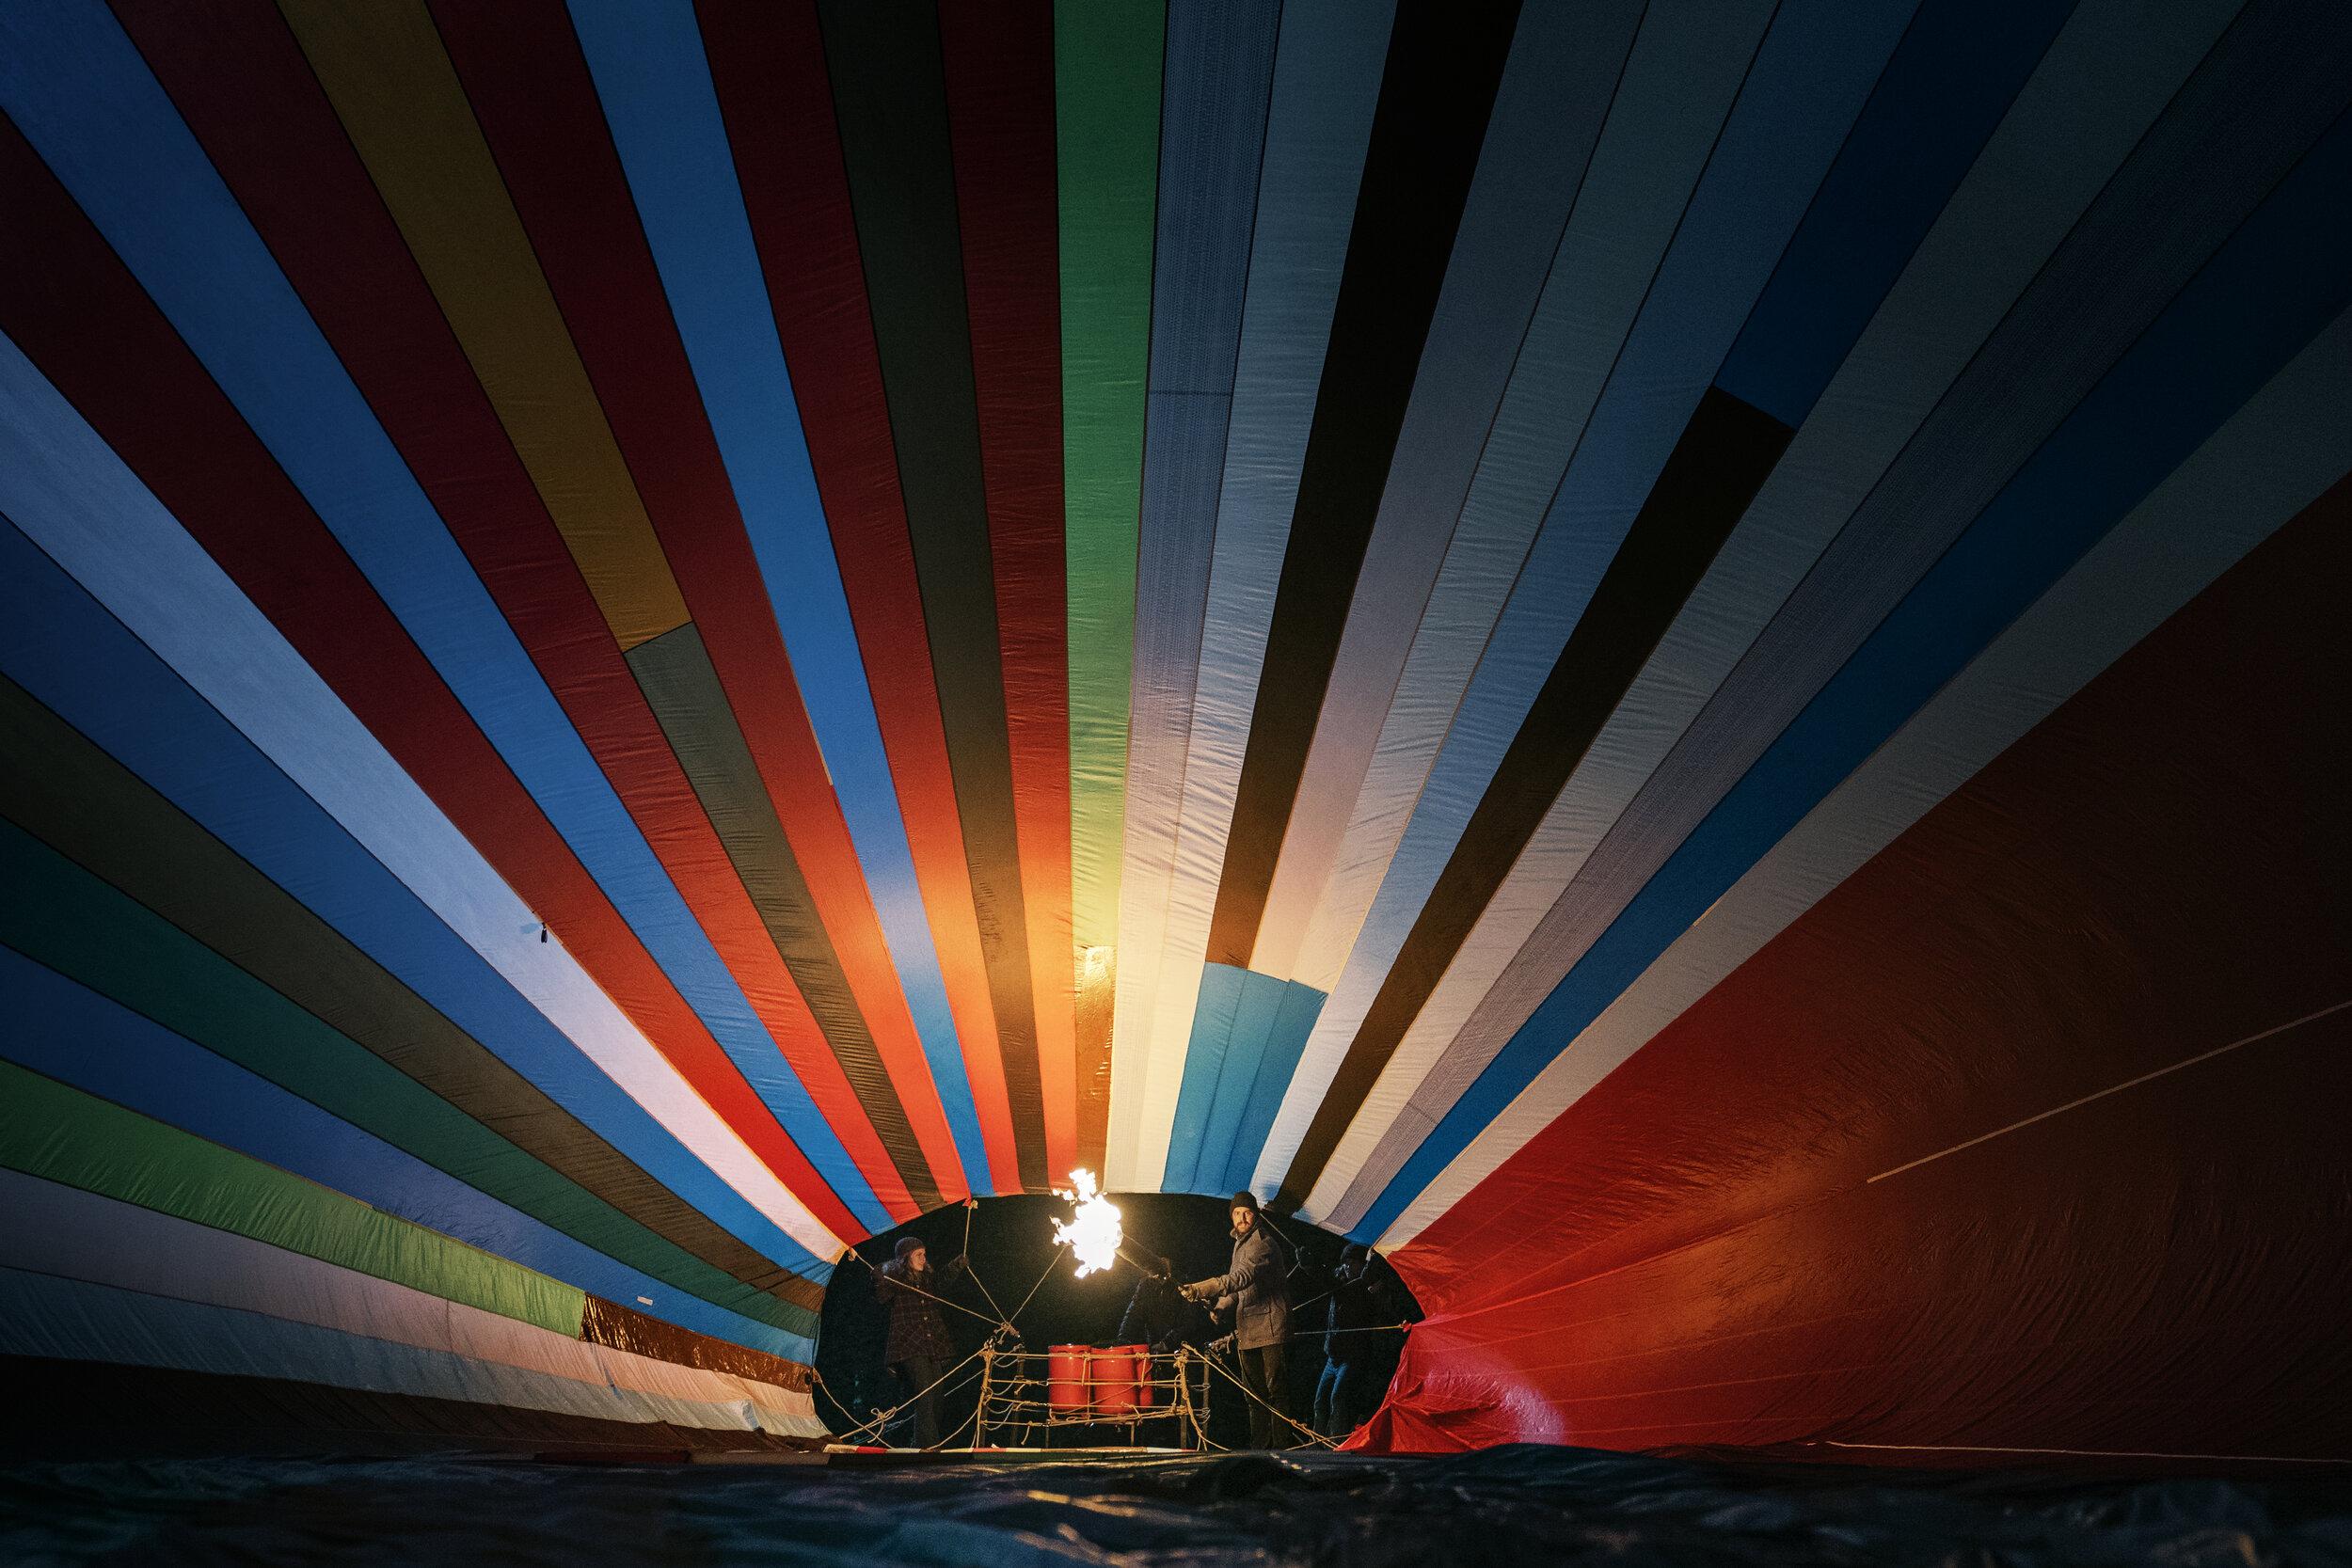 Ballon_001.jpg